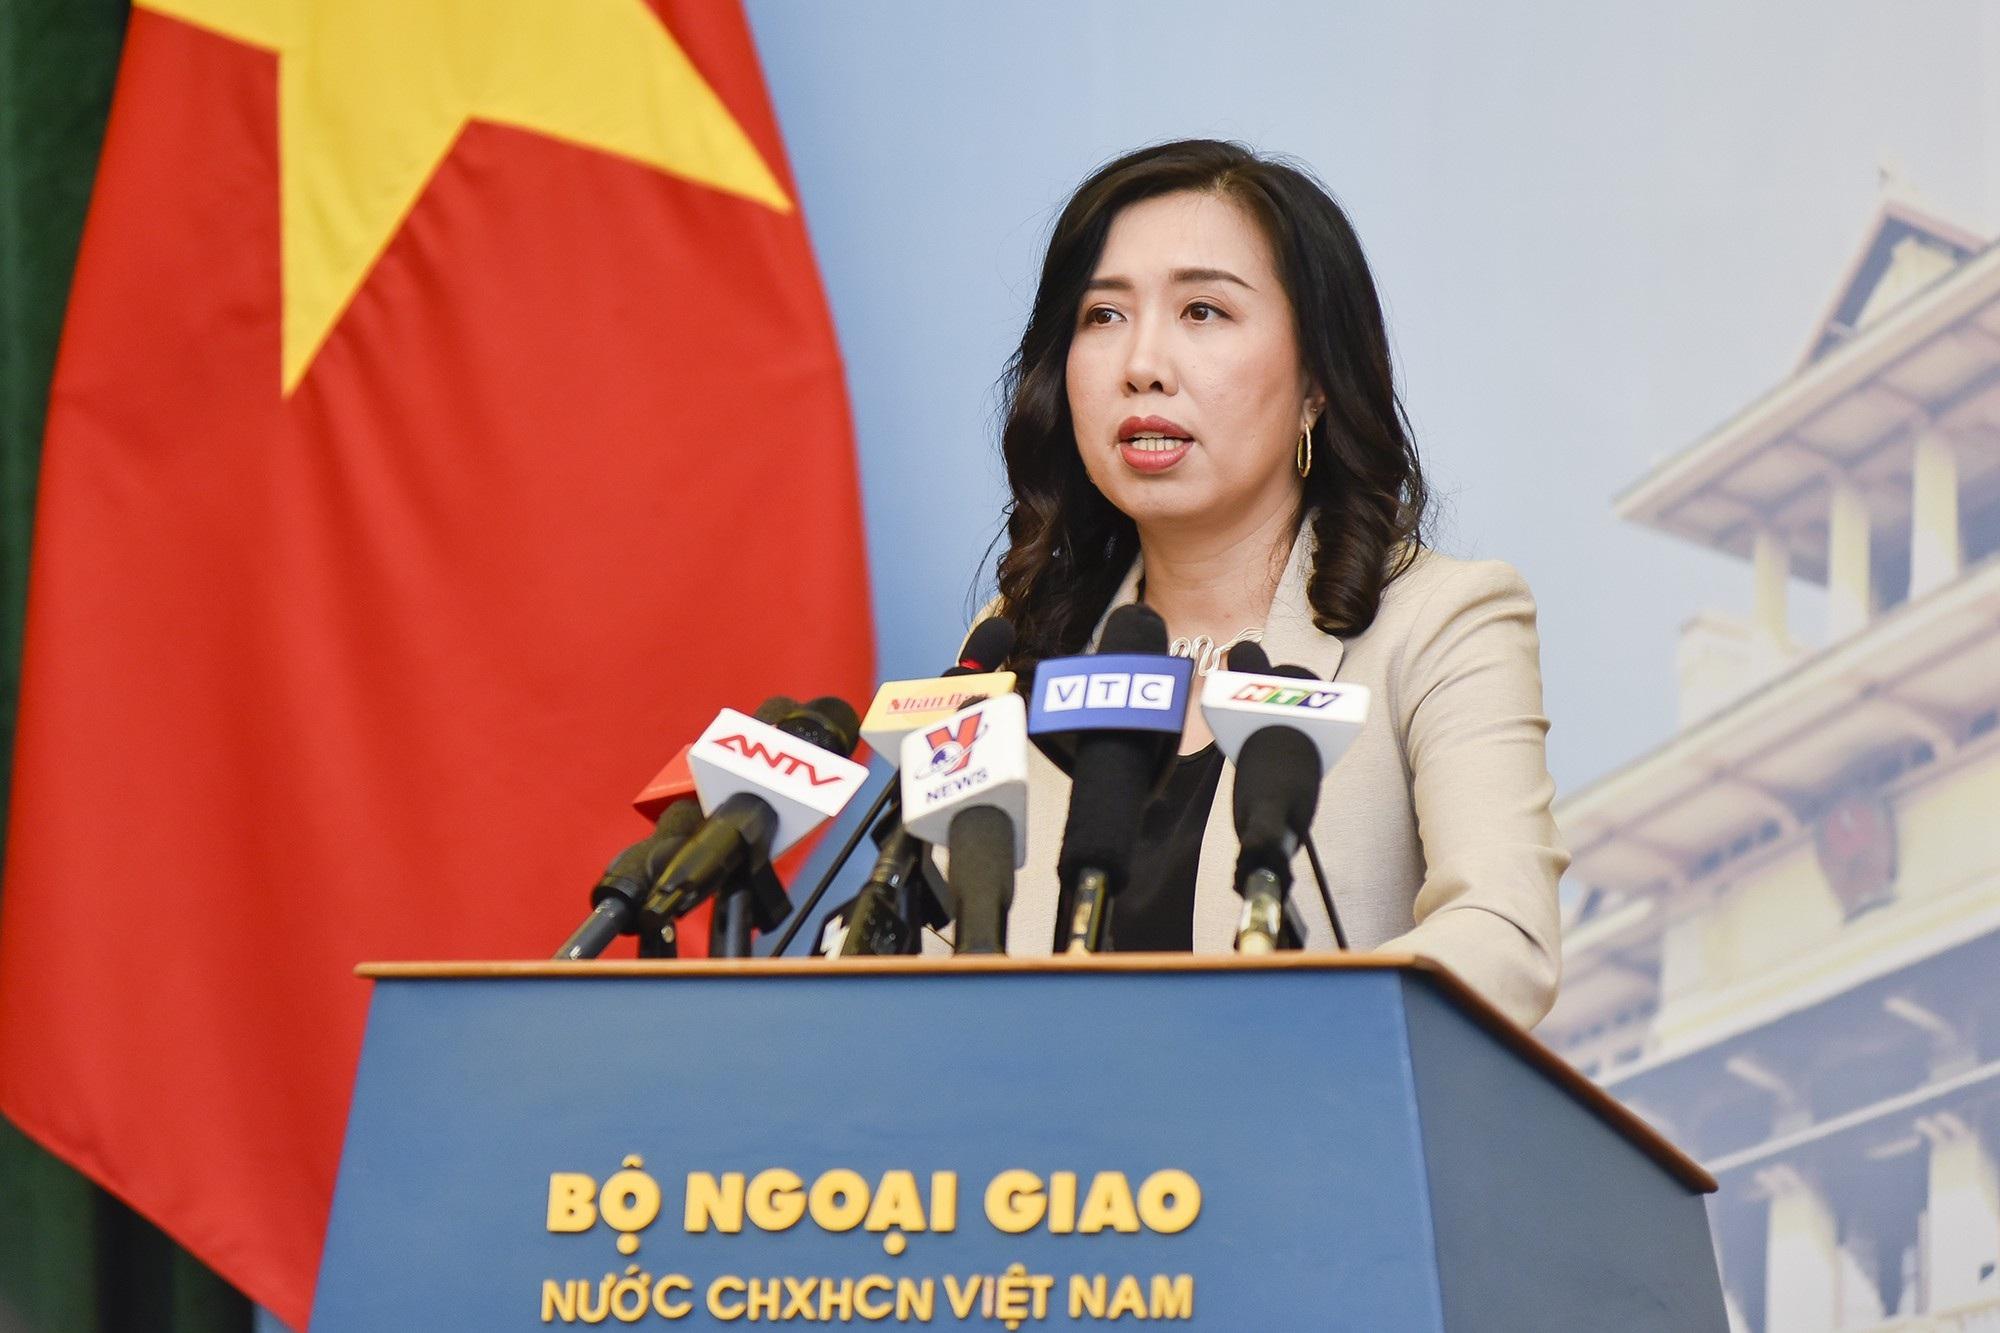 Bộ Ngoại giao cho rằng việc Séc ngừng cấp thị thực dài hạn cho người lao động Việt là vấn đề kỹ thuật